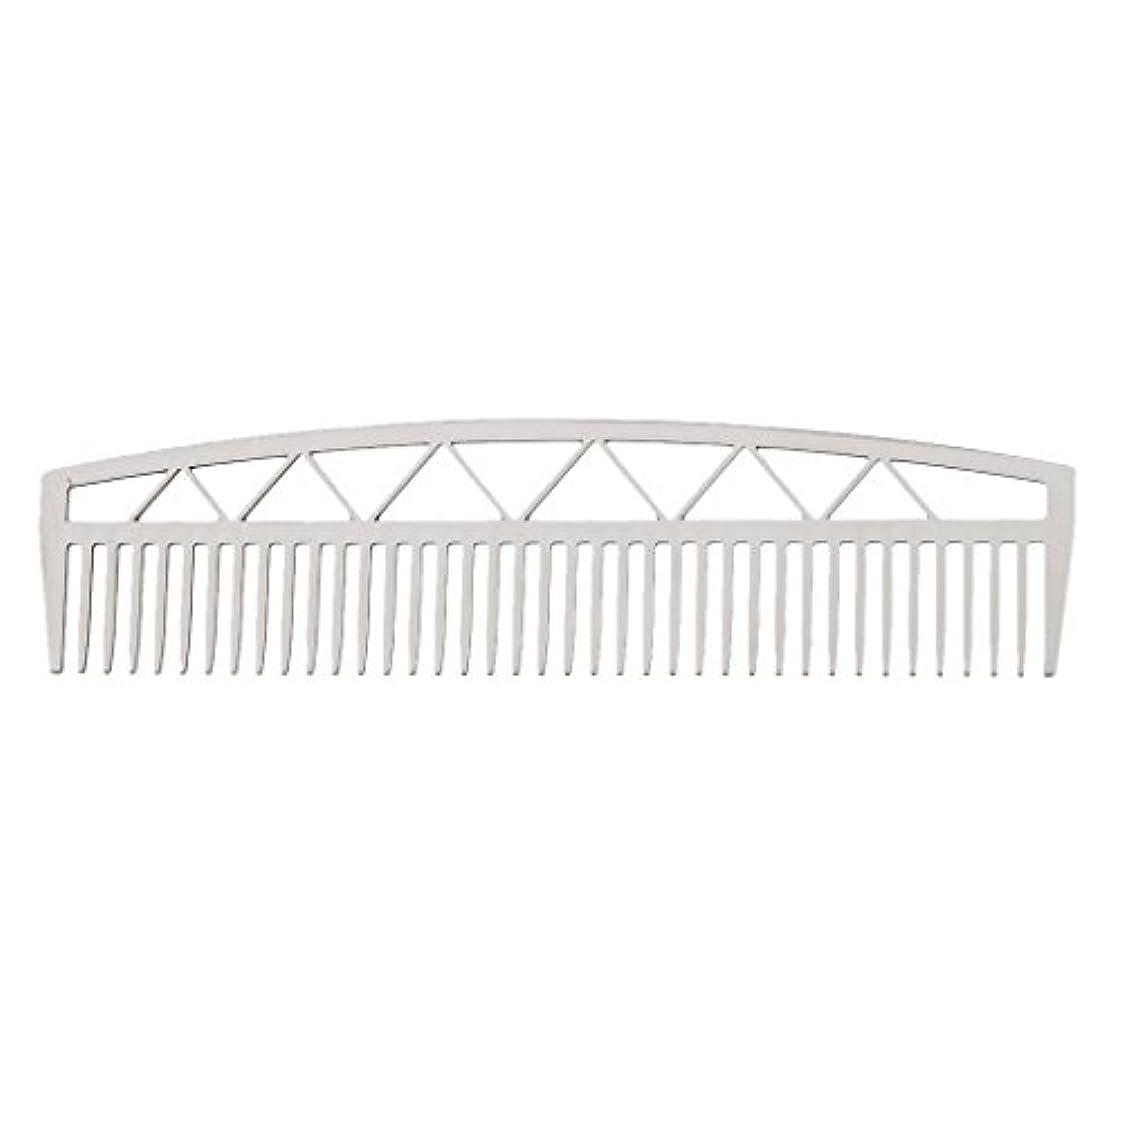 やさしい蒸留地元ビアードコーム ヘアコーム ステンレス鋼 ひげ櫛 メンズ 便利 2タイプ - #2